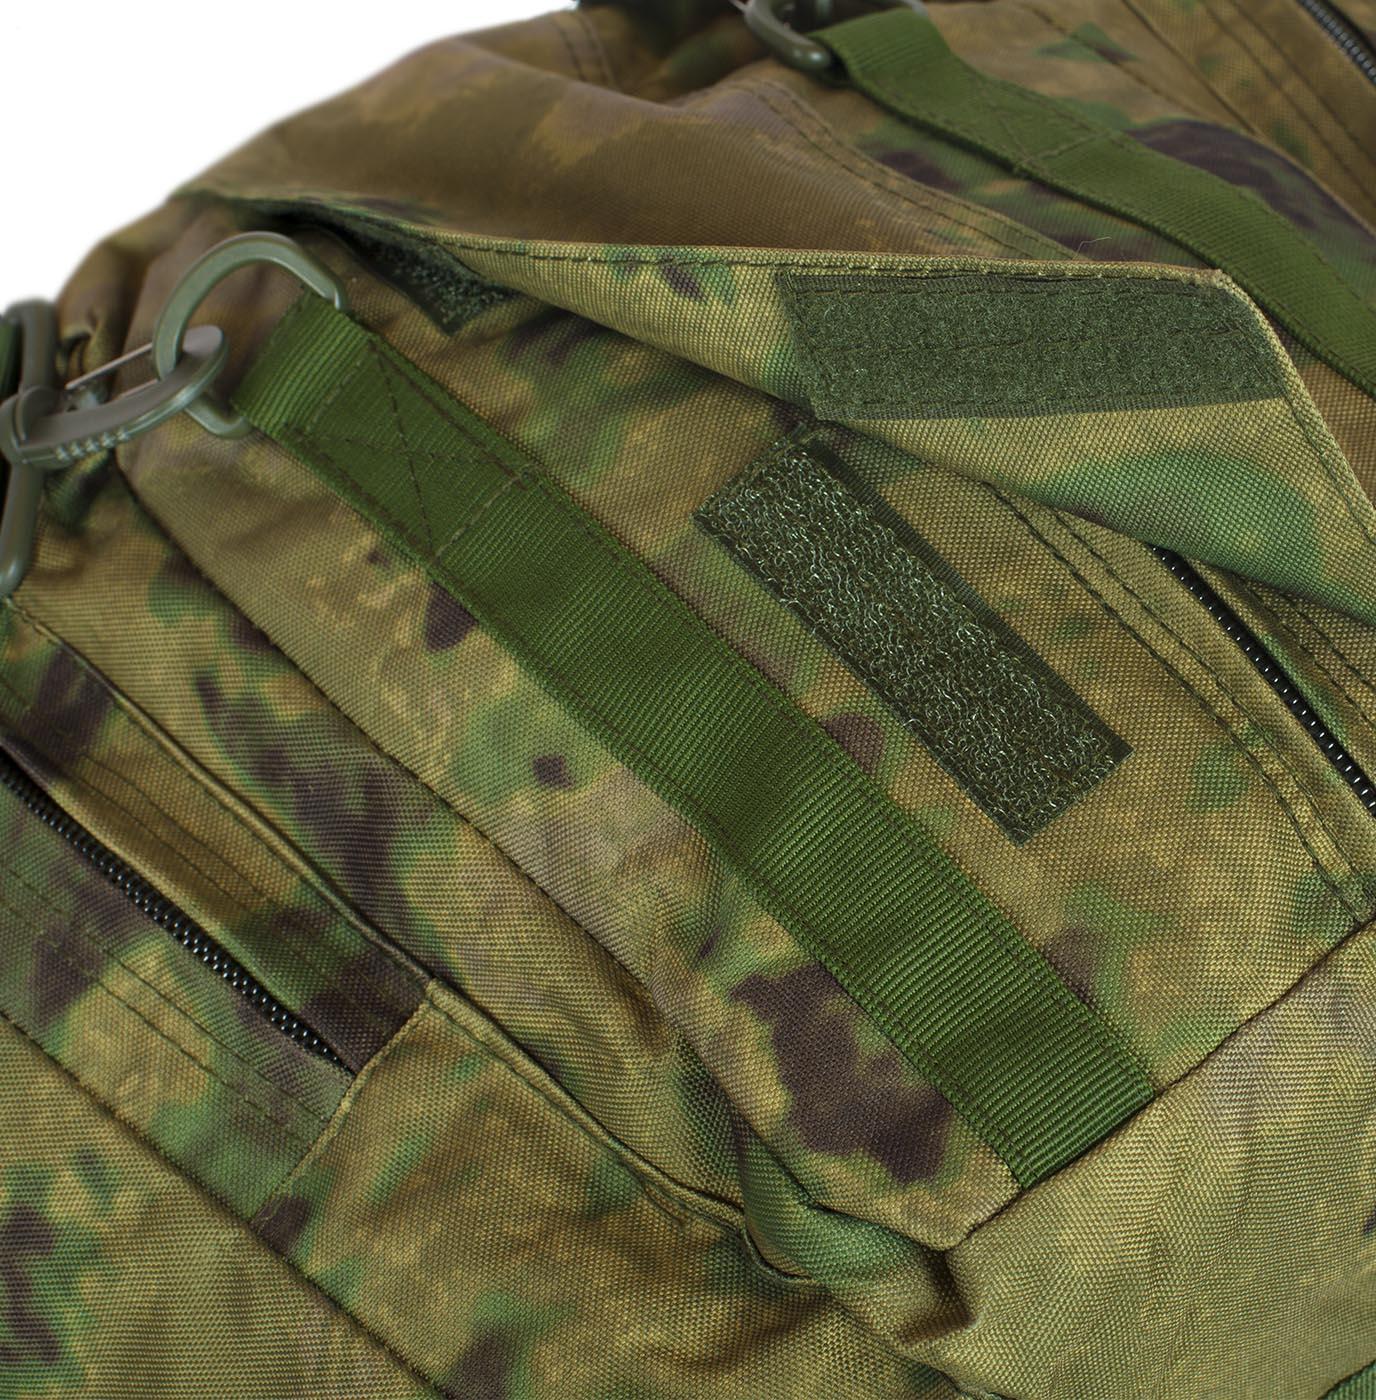 Заплечная камуфляжная сумка-баул Рожден в СССР - заказать оптом